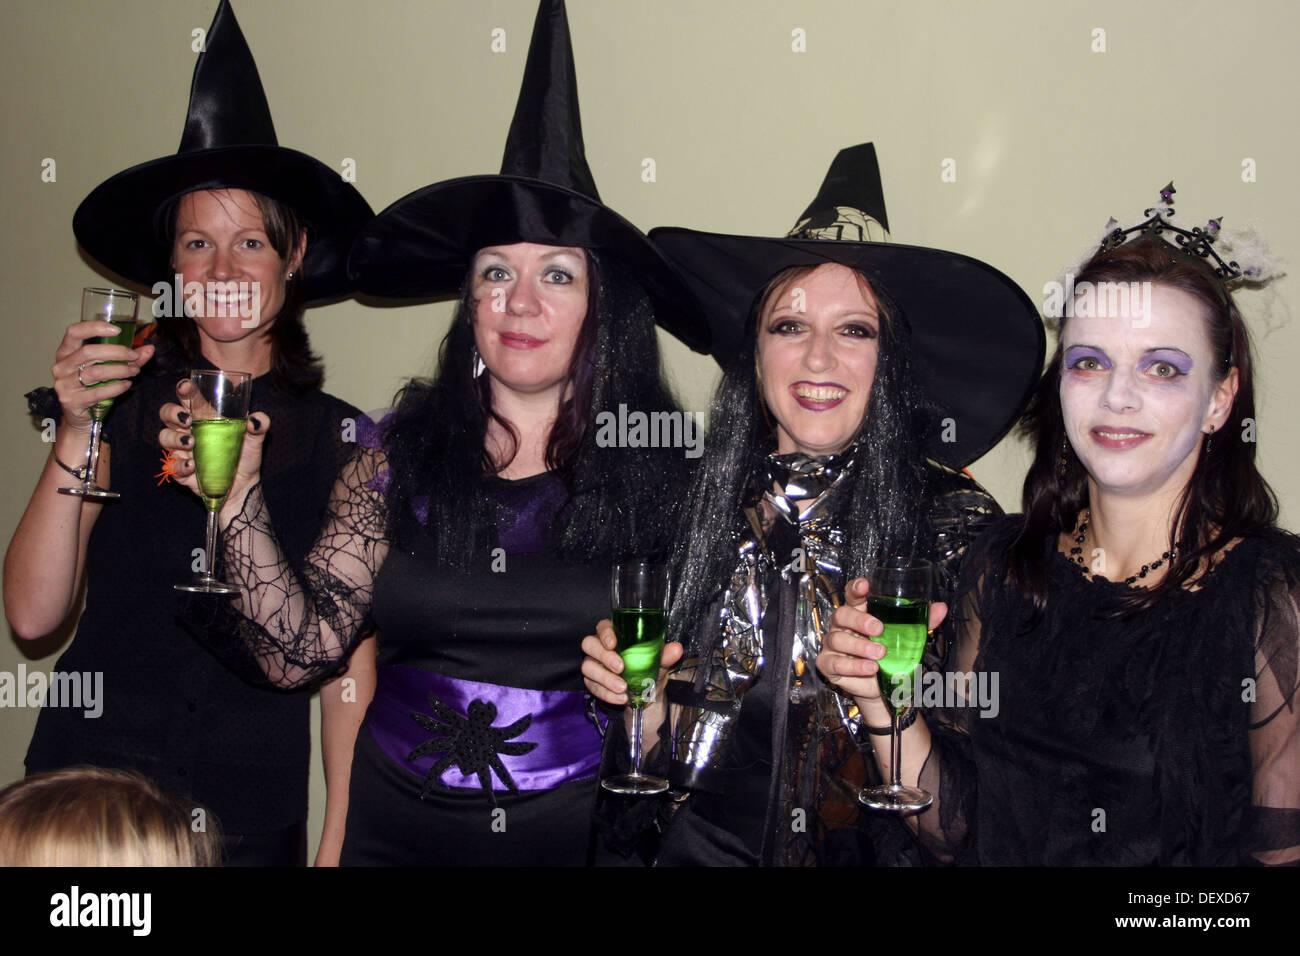 Gruppe Von 30 Jahre Alten Frauen Gekleidet In Halloween Kostum